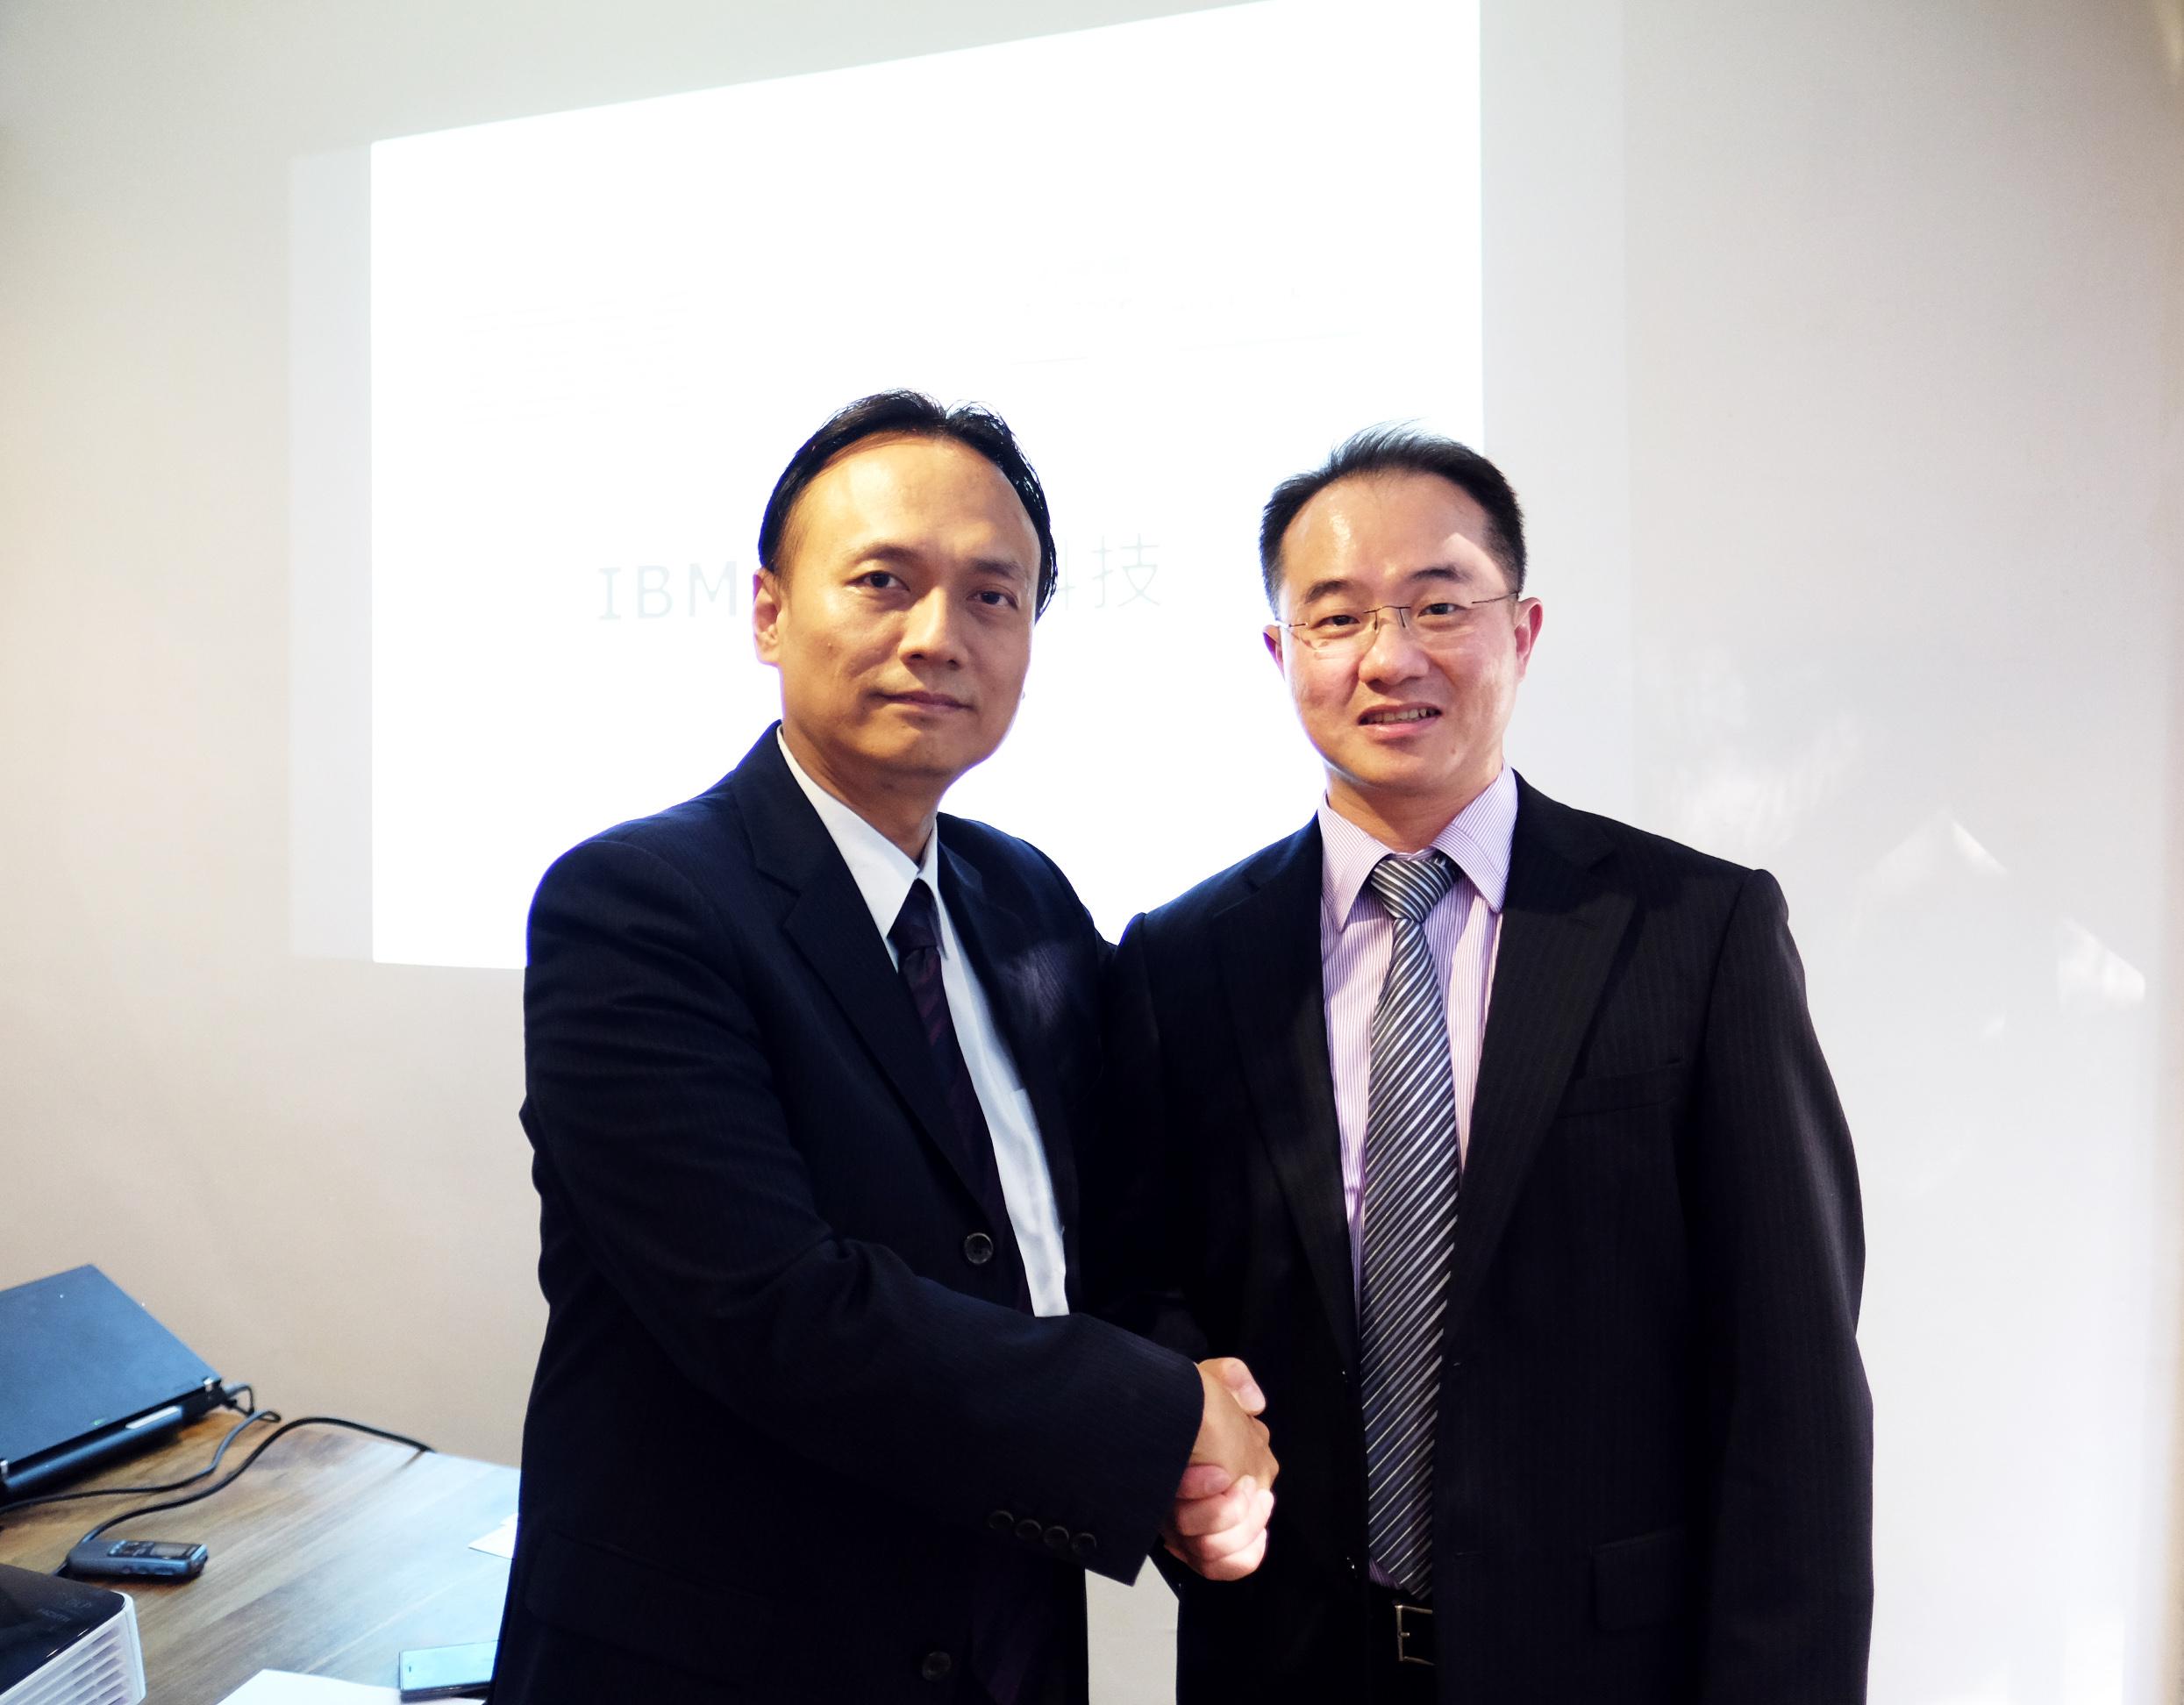 圖說 IBM 雲端運算事業部副總經理許仲言與一通科技執行長蕭舜文_攜手擴大台灣雲端服務生態圈